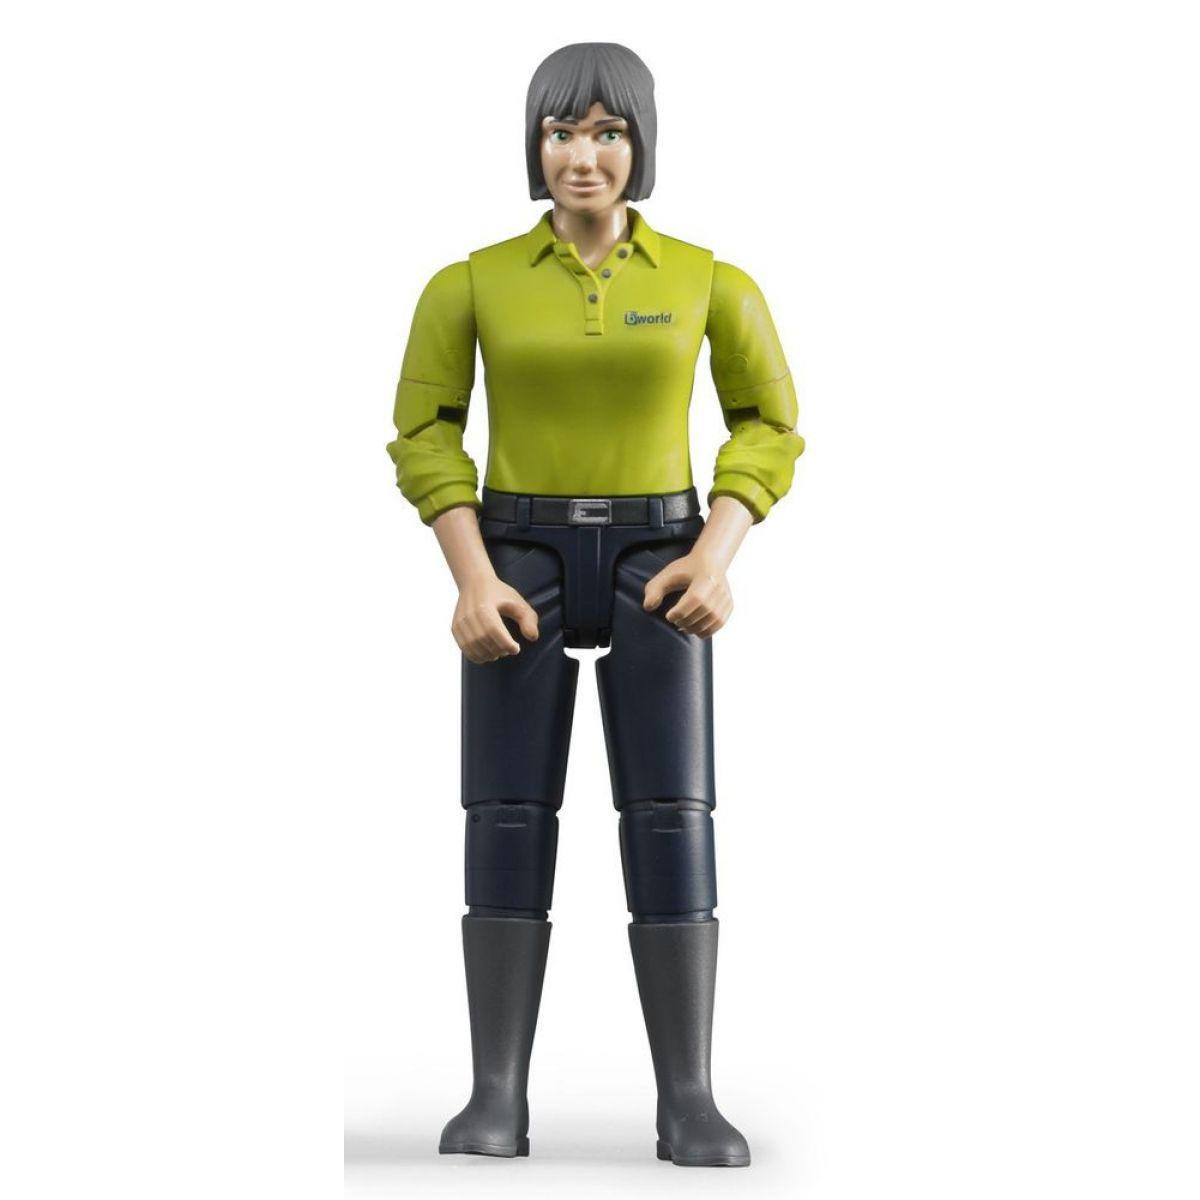 Bruder 60405 Figurka žena tmavé kalhoty